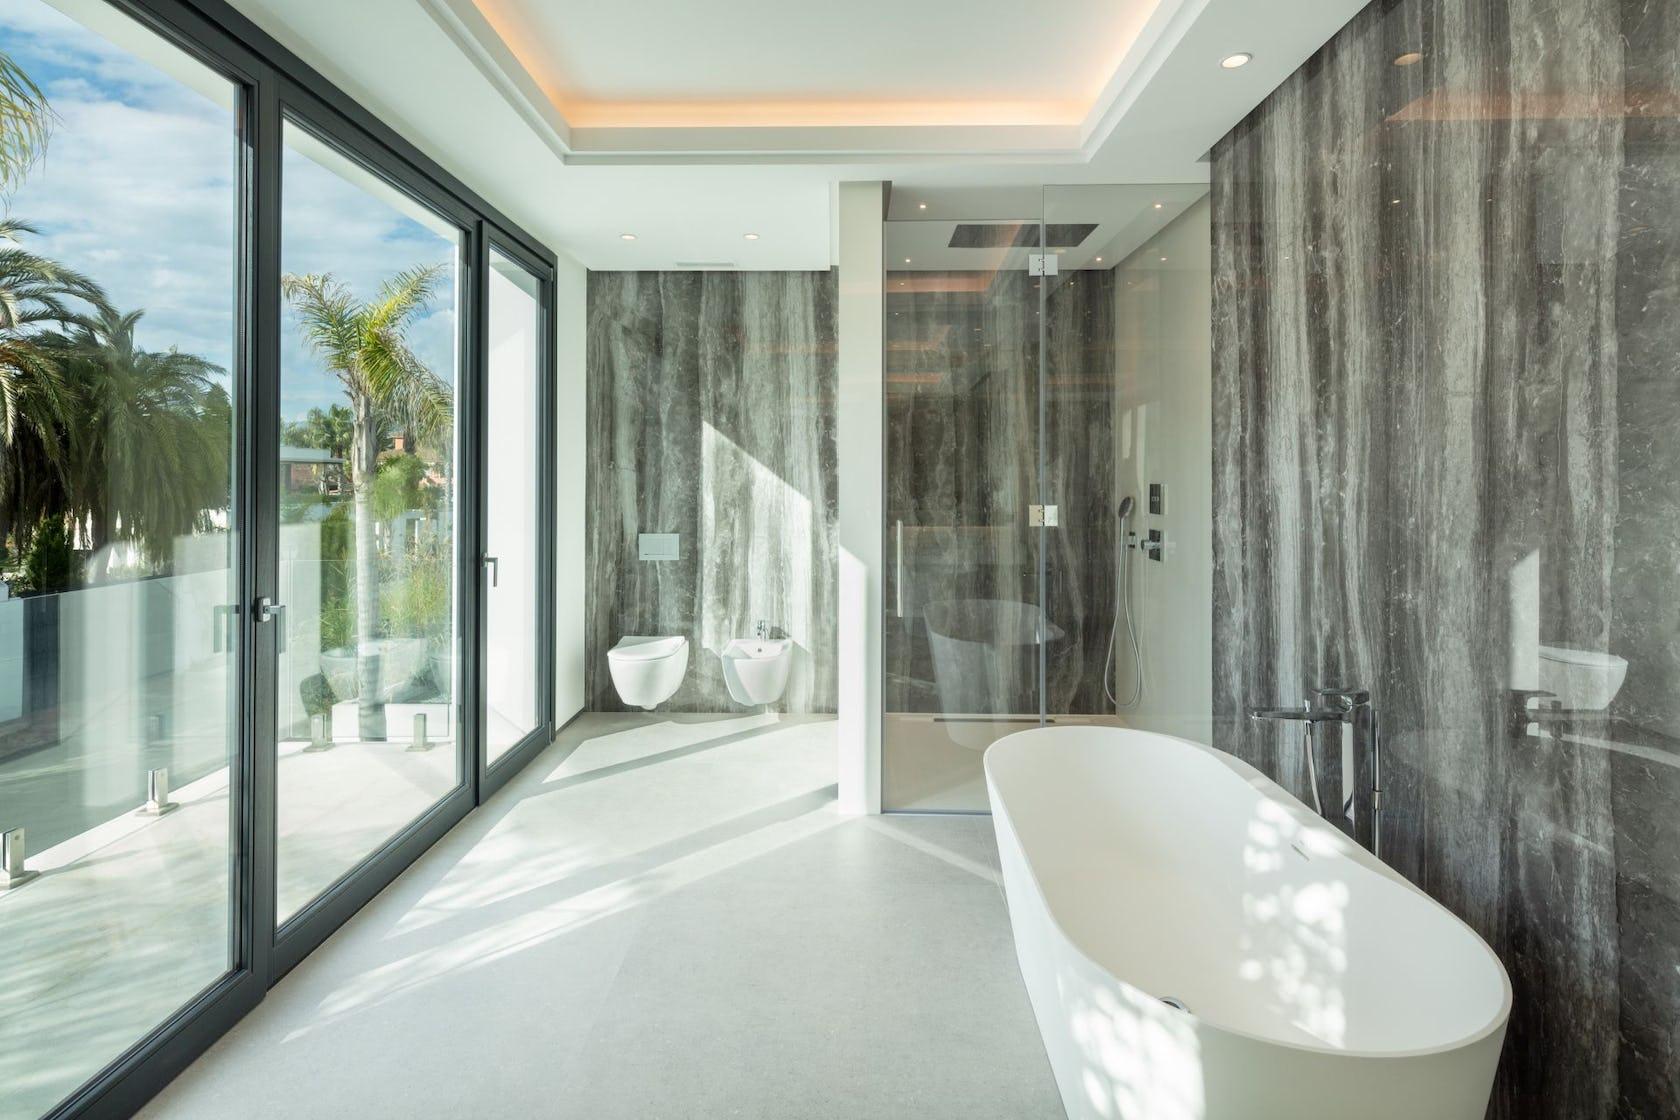 bathtub tub indoors room door